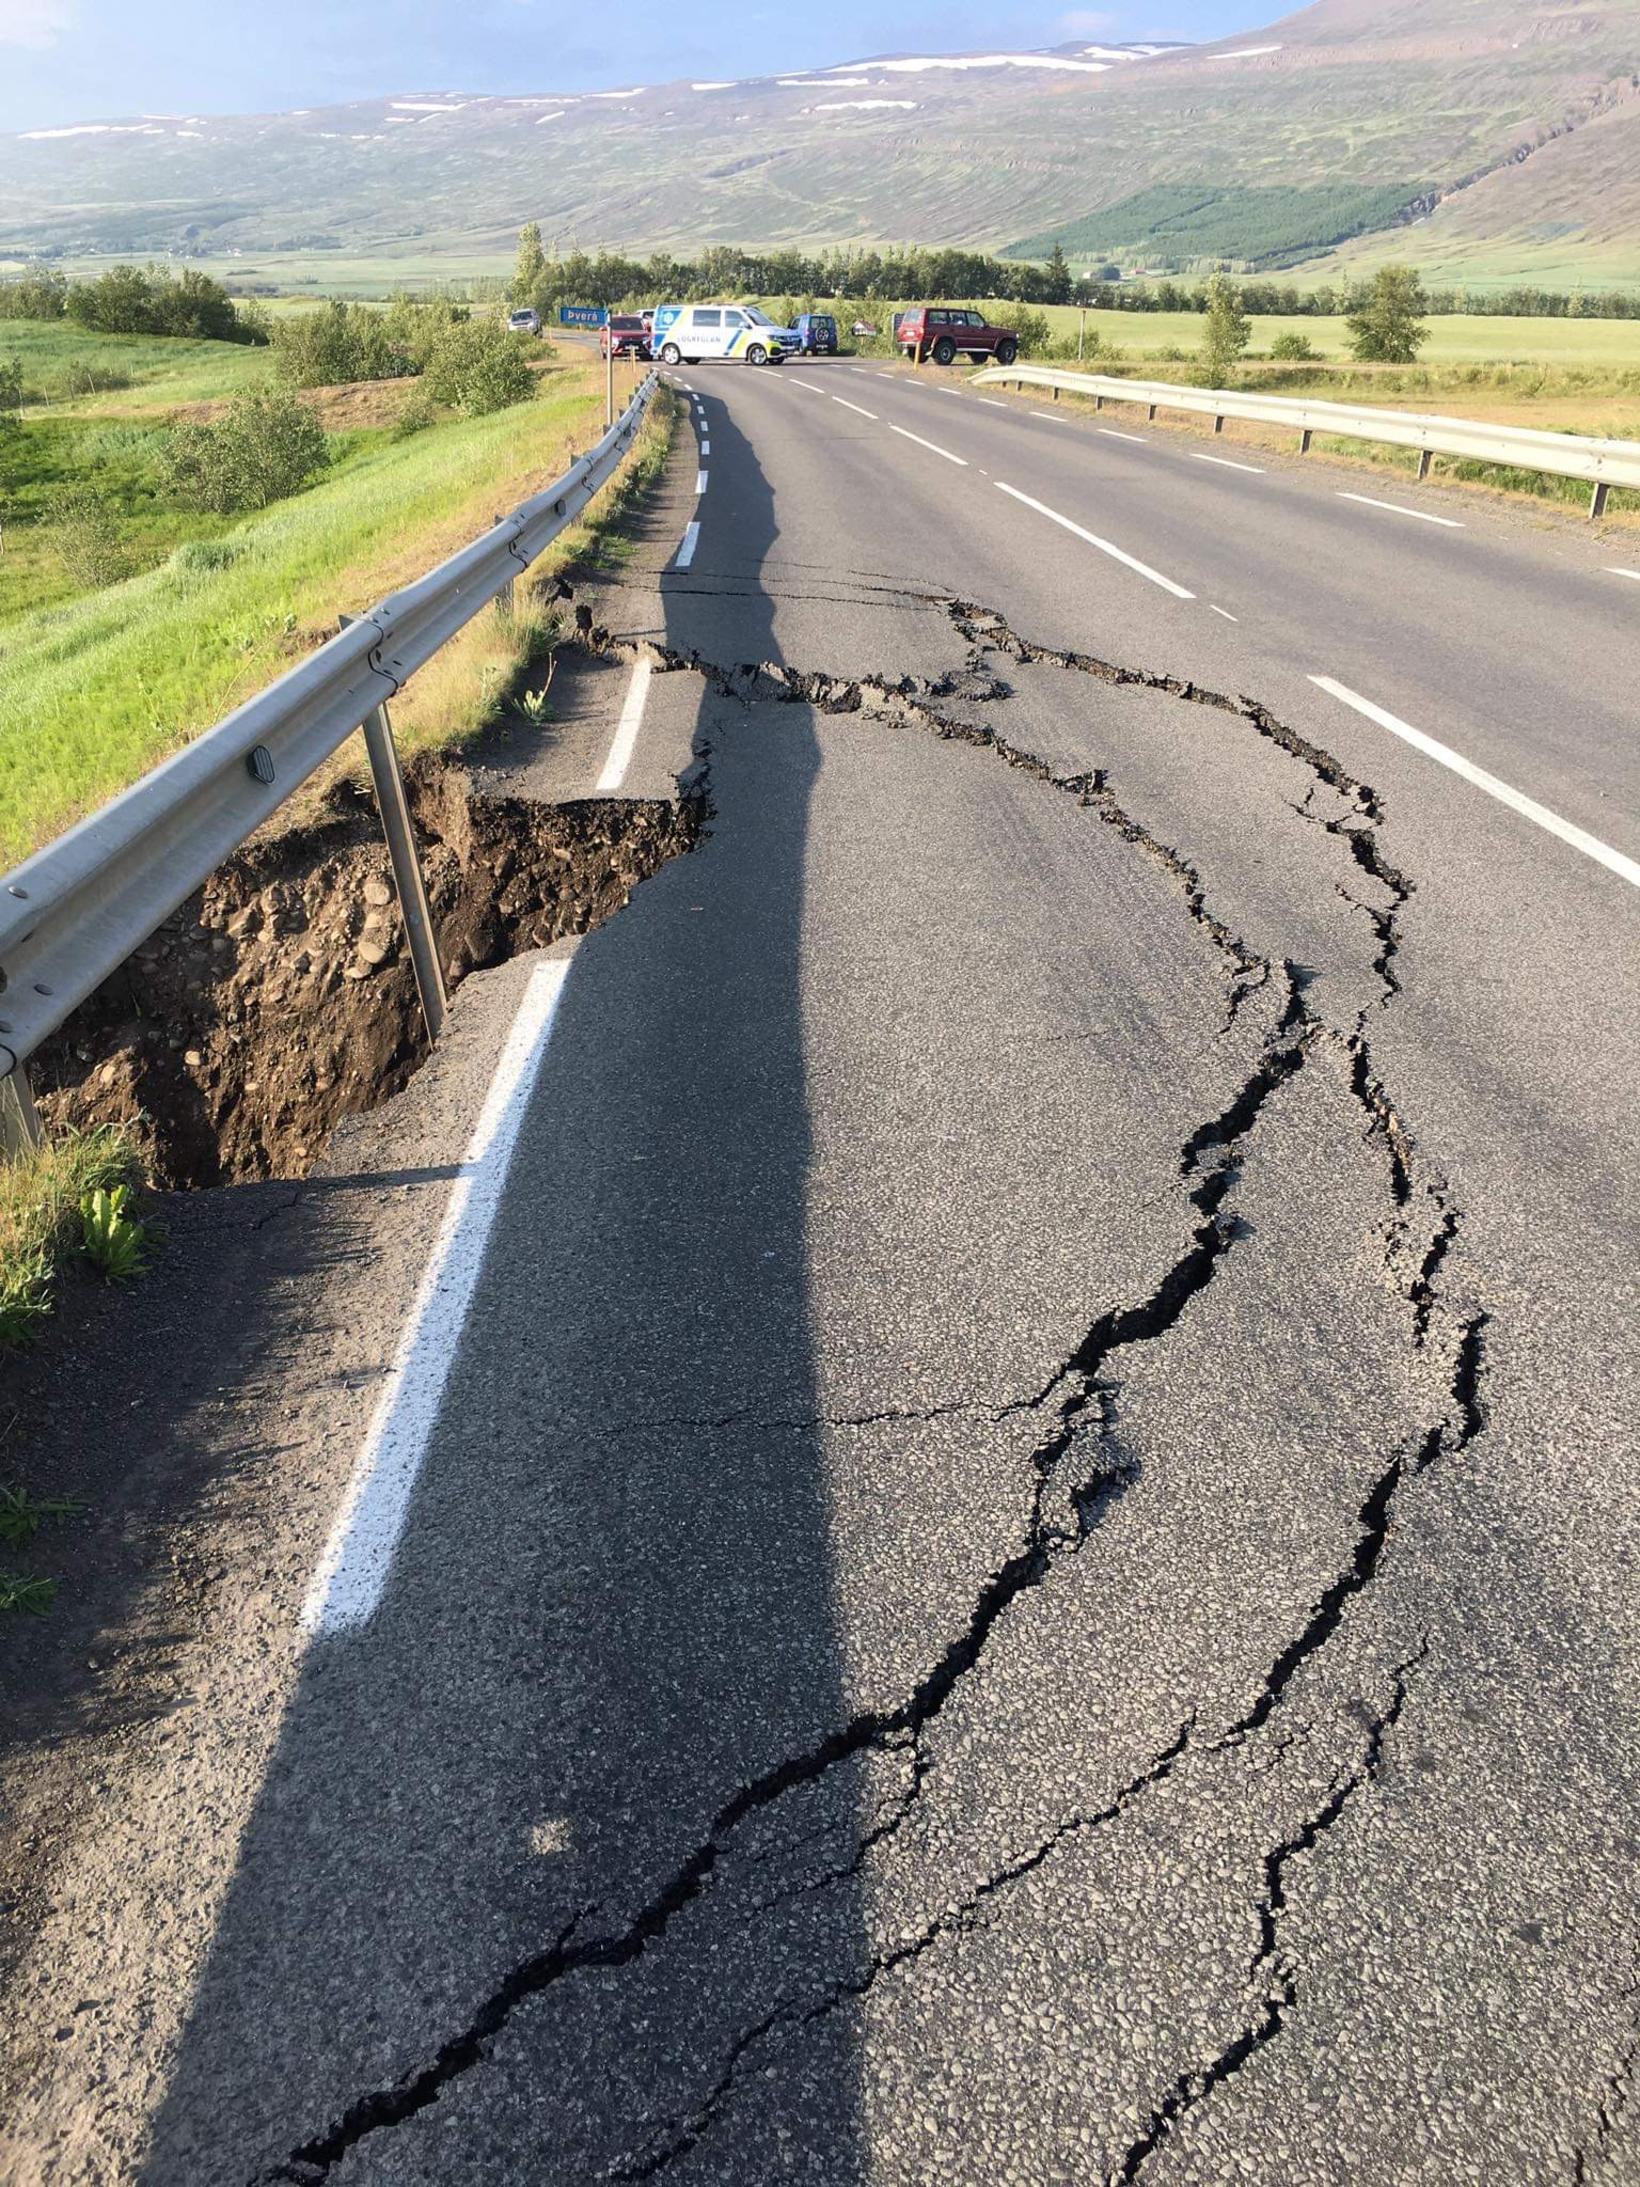 The road near Þverá river is damaged.